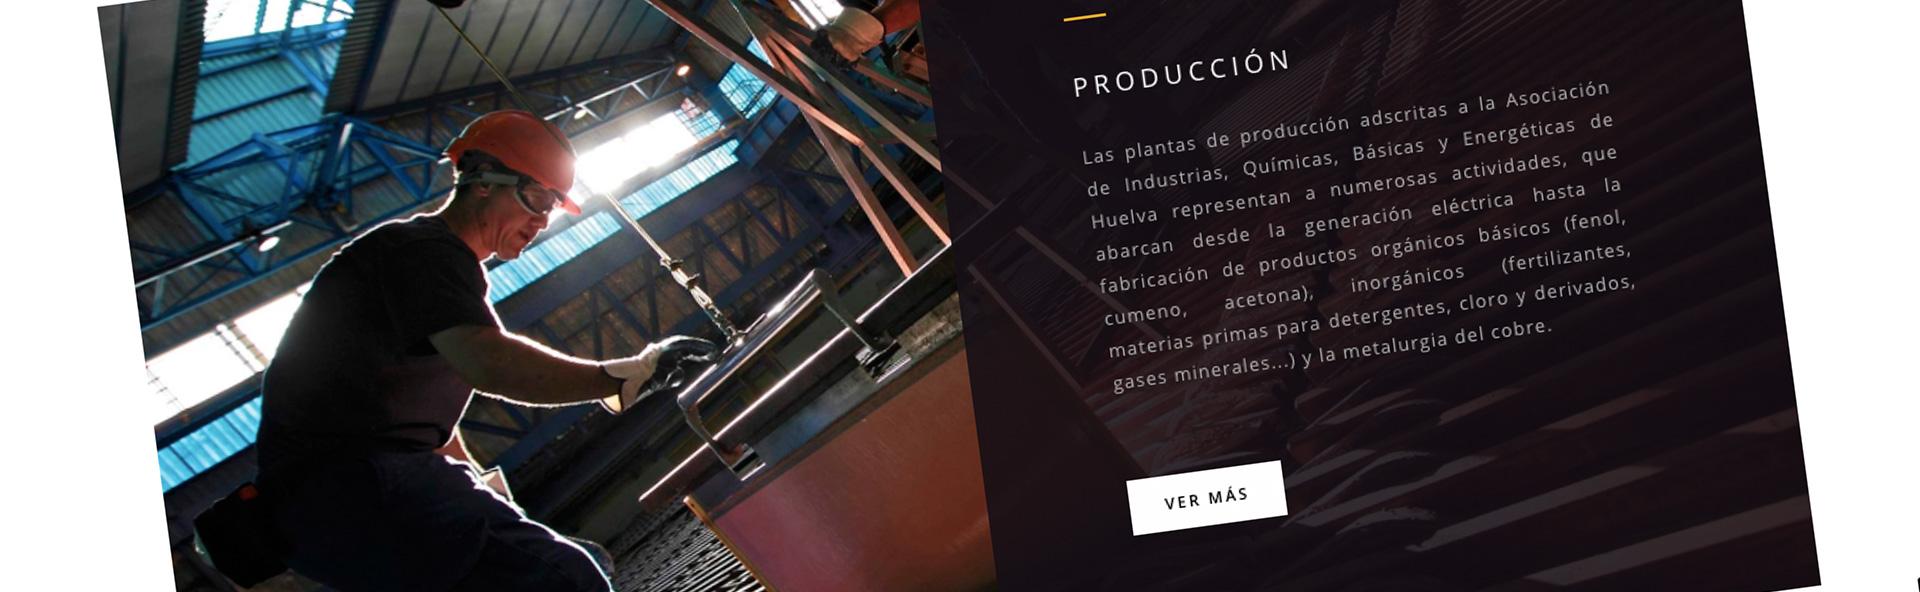 Producción AIQBE Huelva